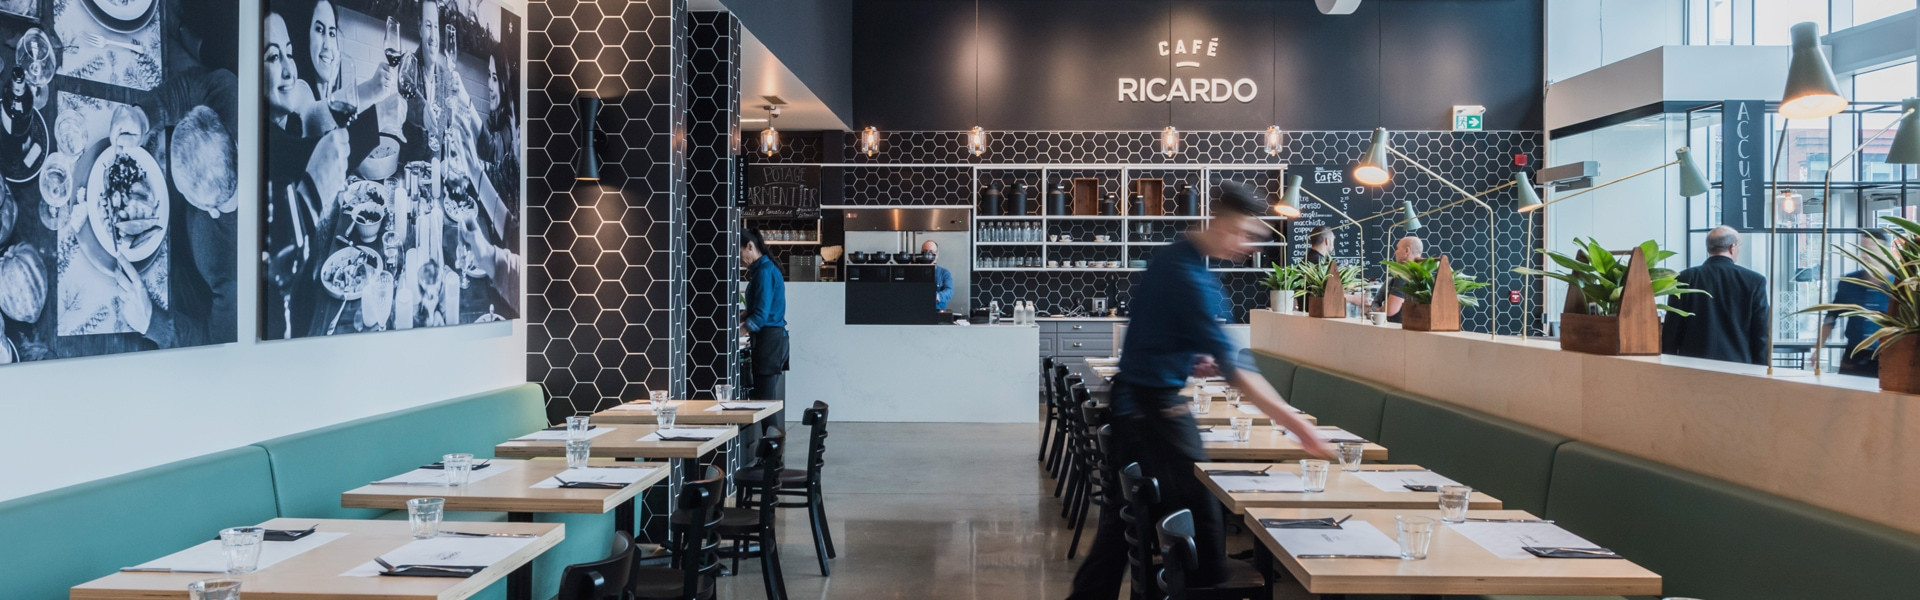 RICARDO Café - Centropolis